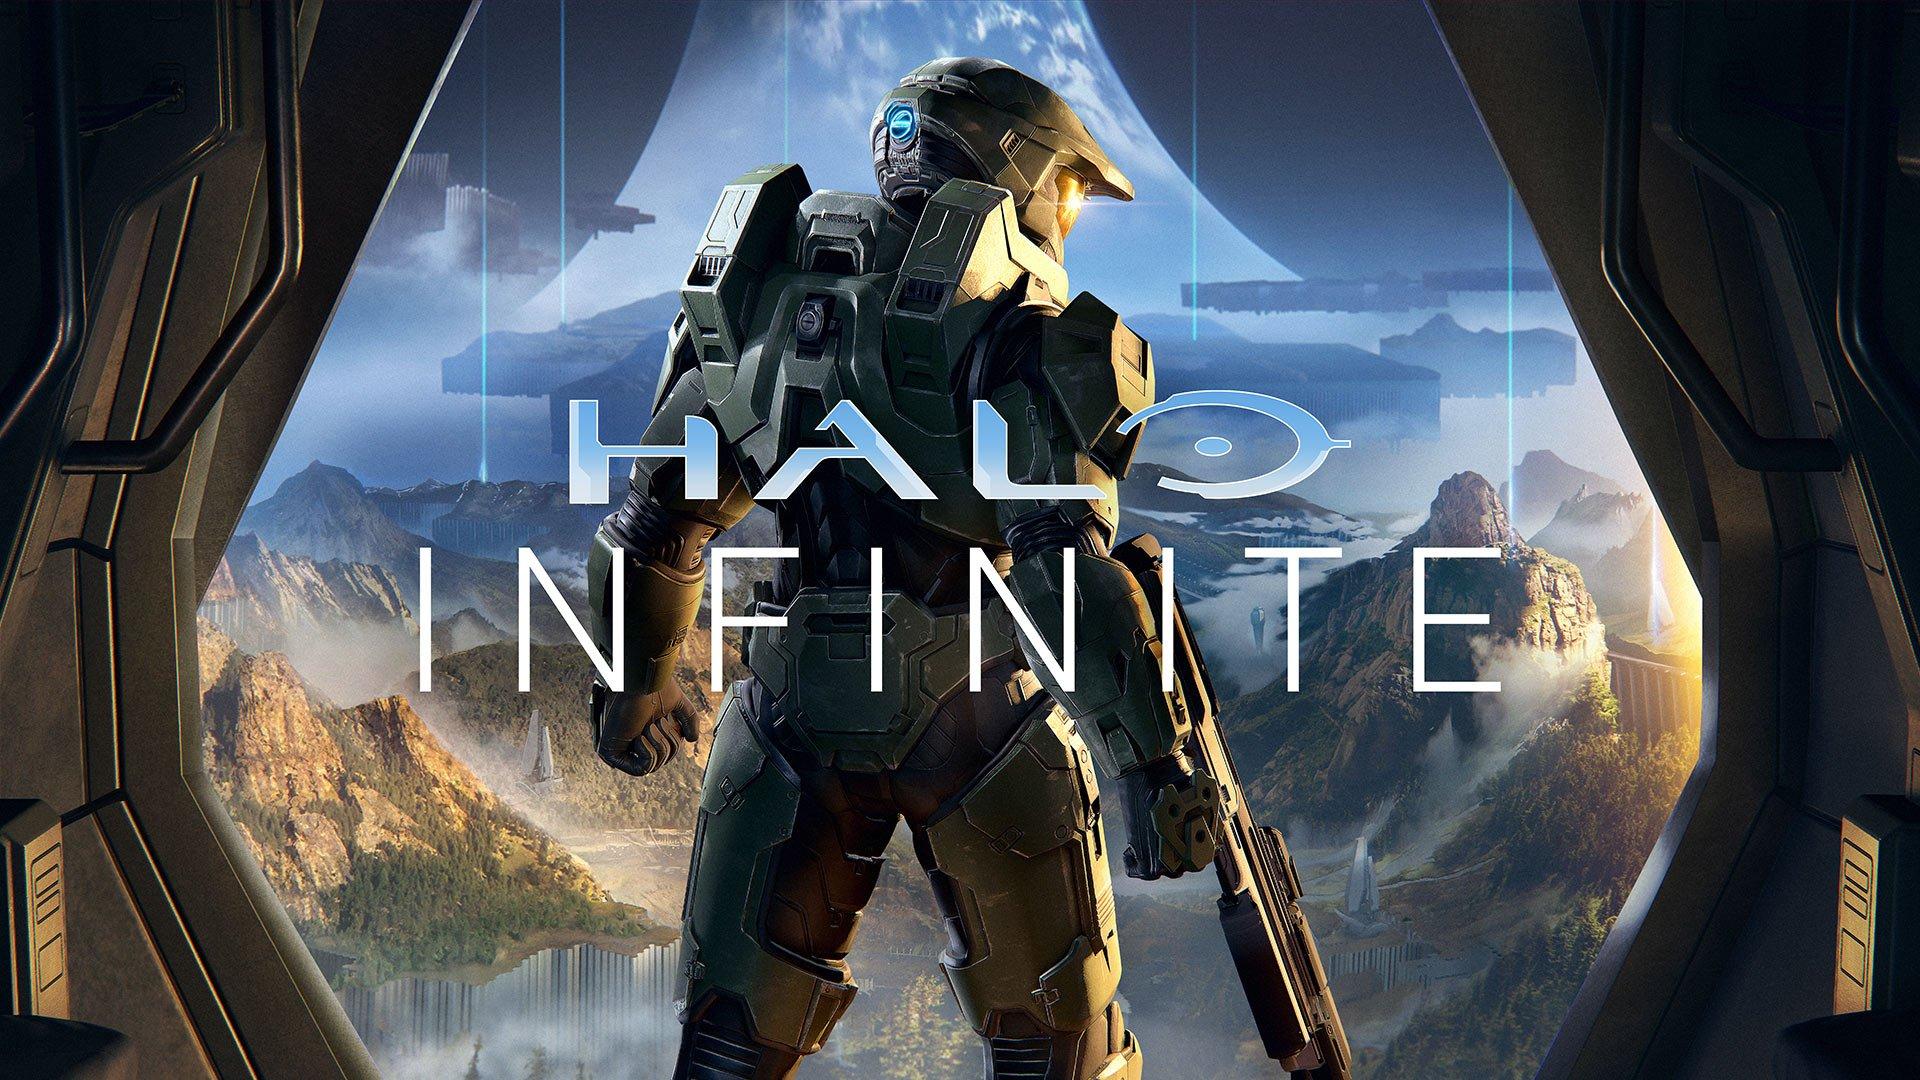 A mais recente atualização da comunidade, a 343 Industries mostra pela primeira vez a história e a jogabilidade de Halo Infinite.